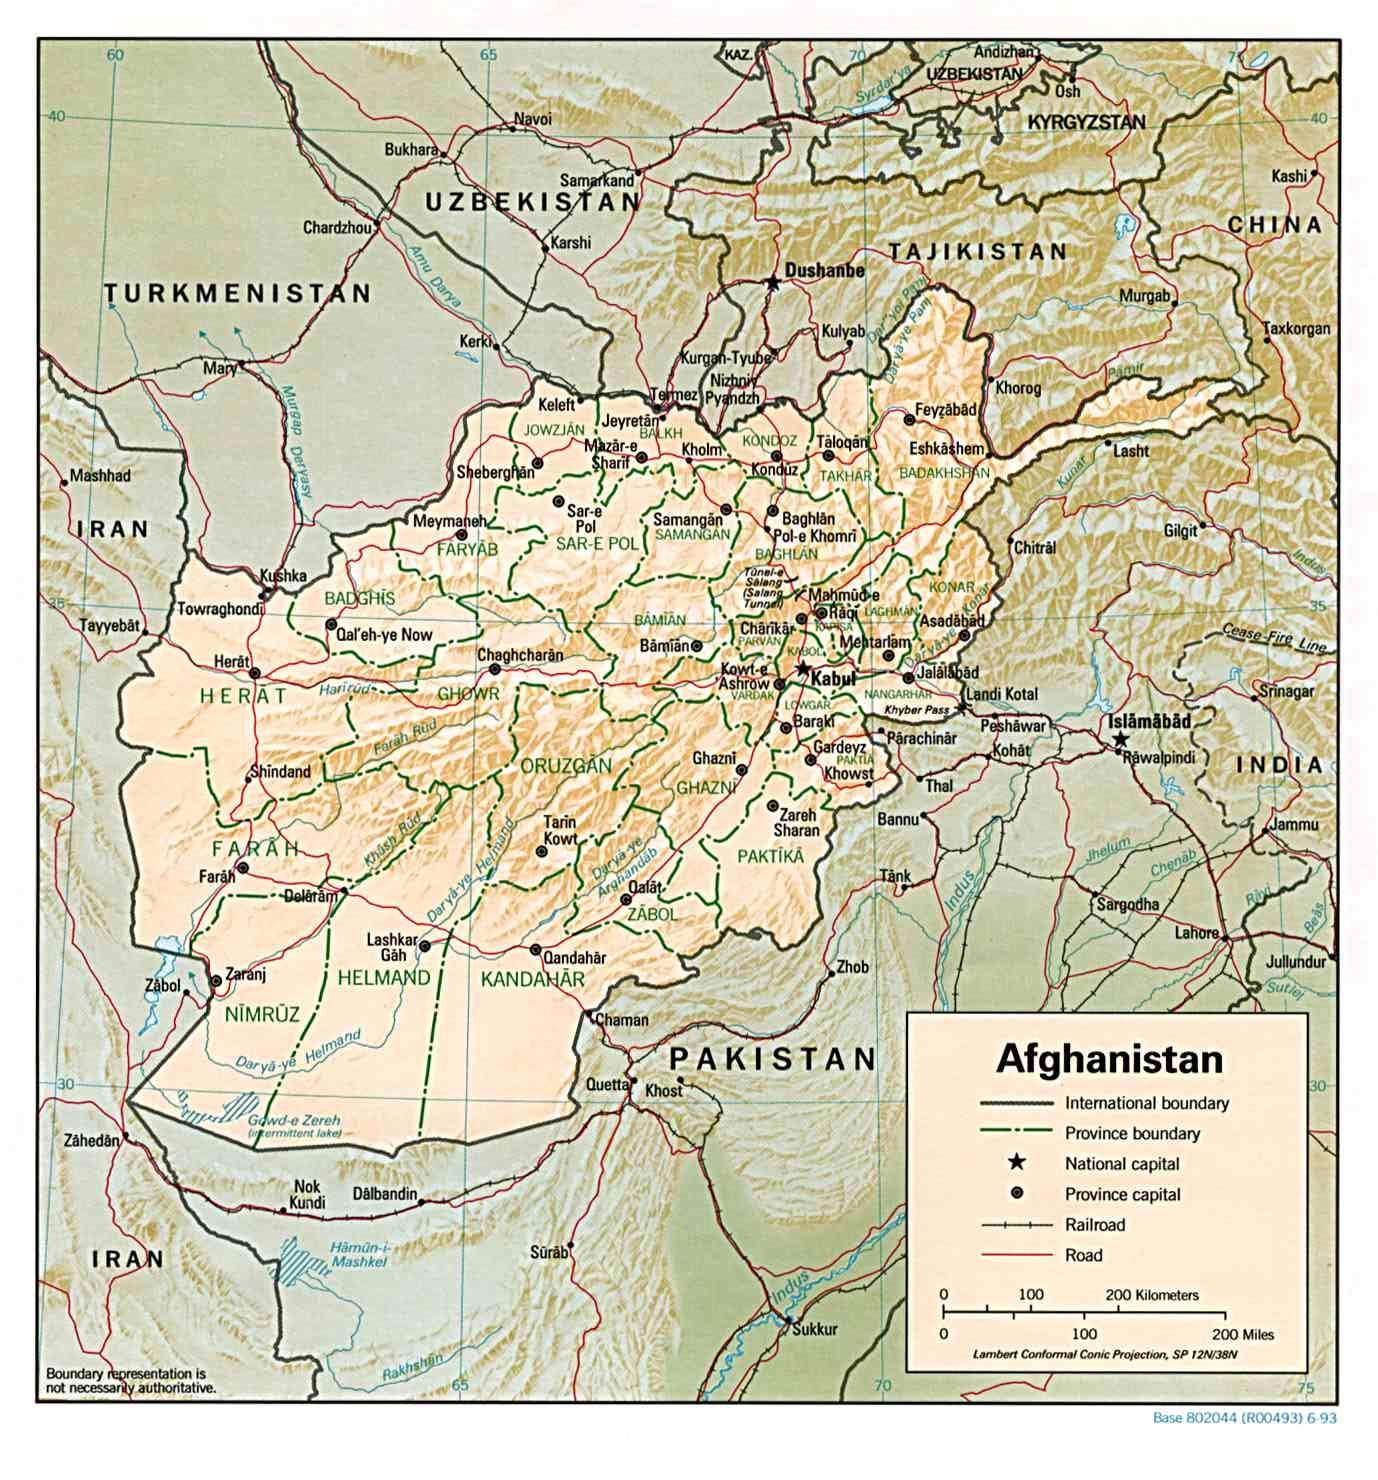 https://i1.wp.com/mindtel.com/2006/0307.jalalabad/maps/afghanistan.jpg